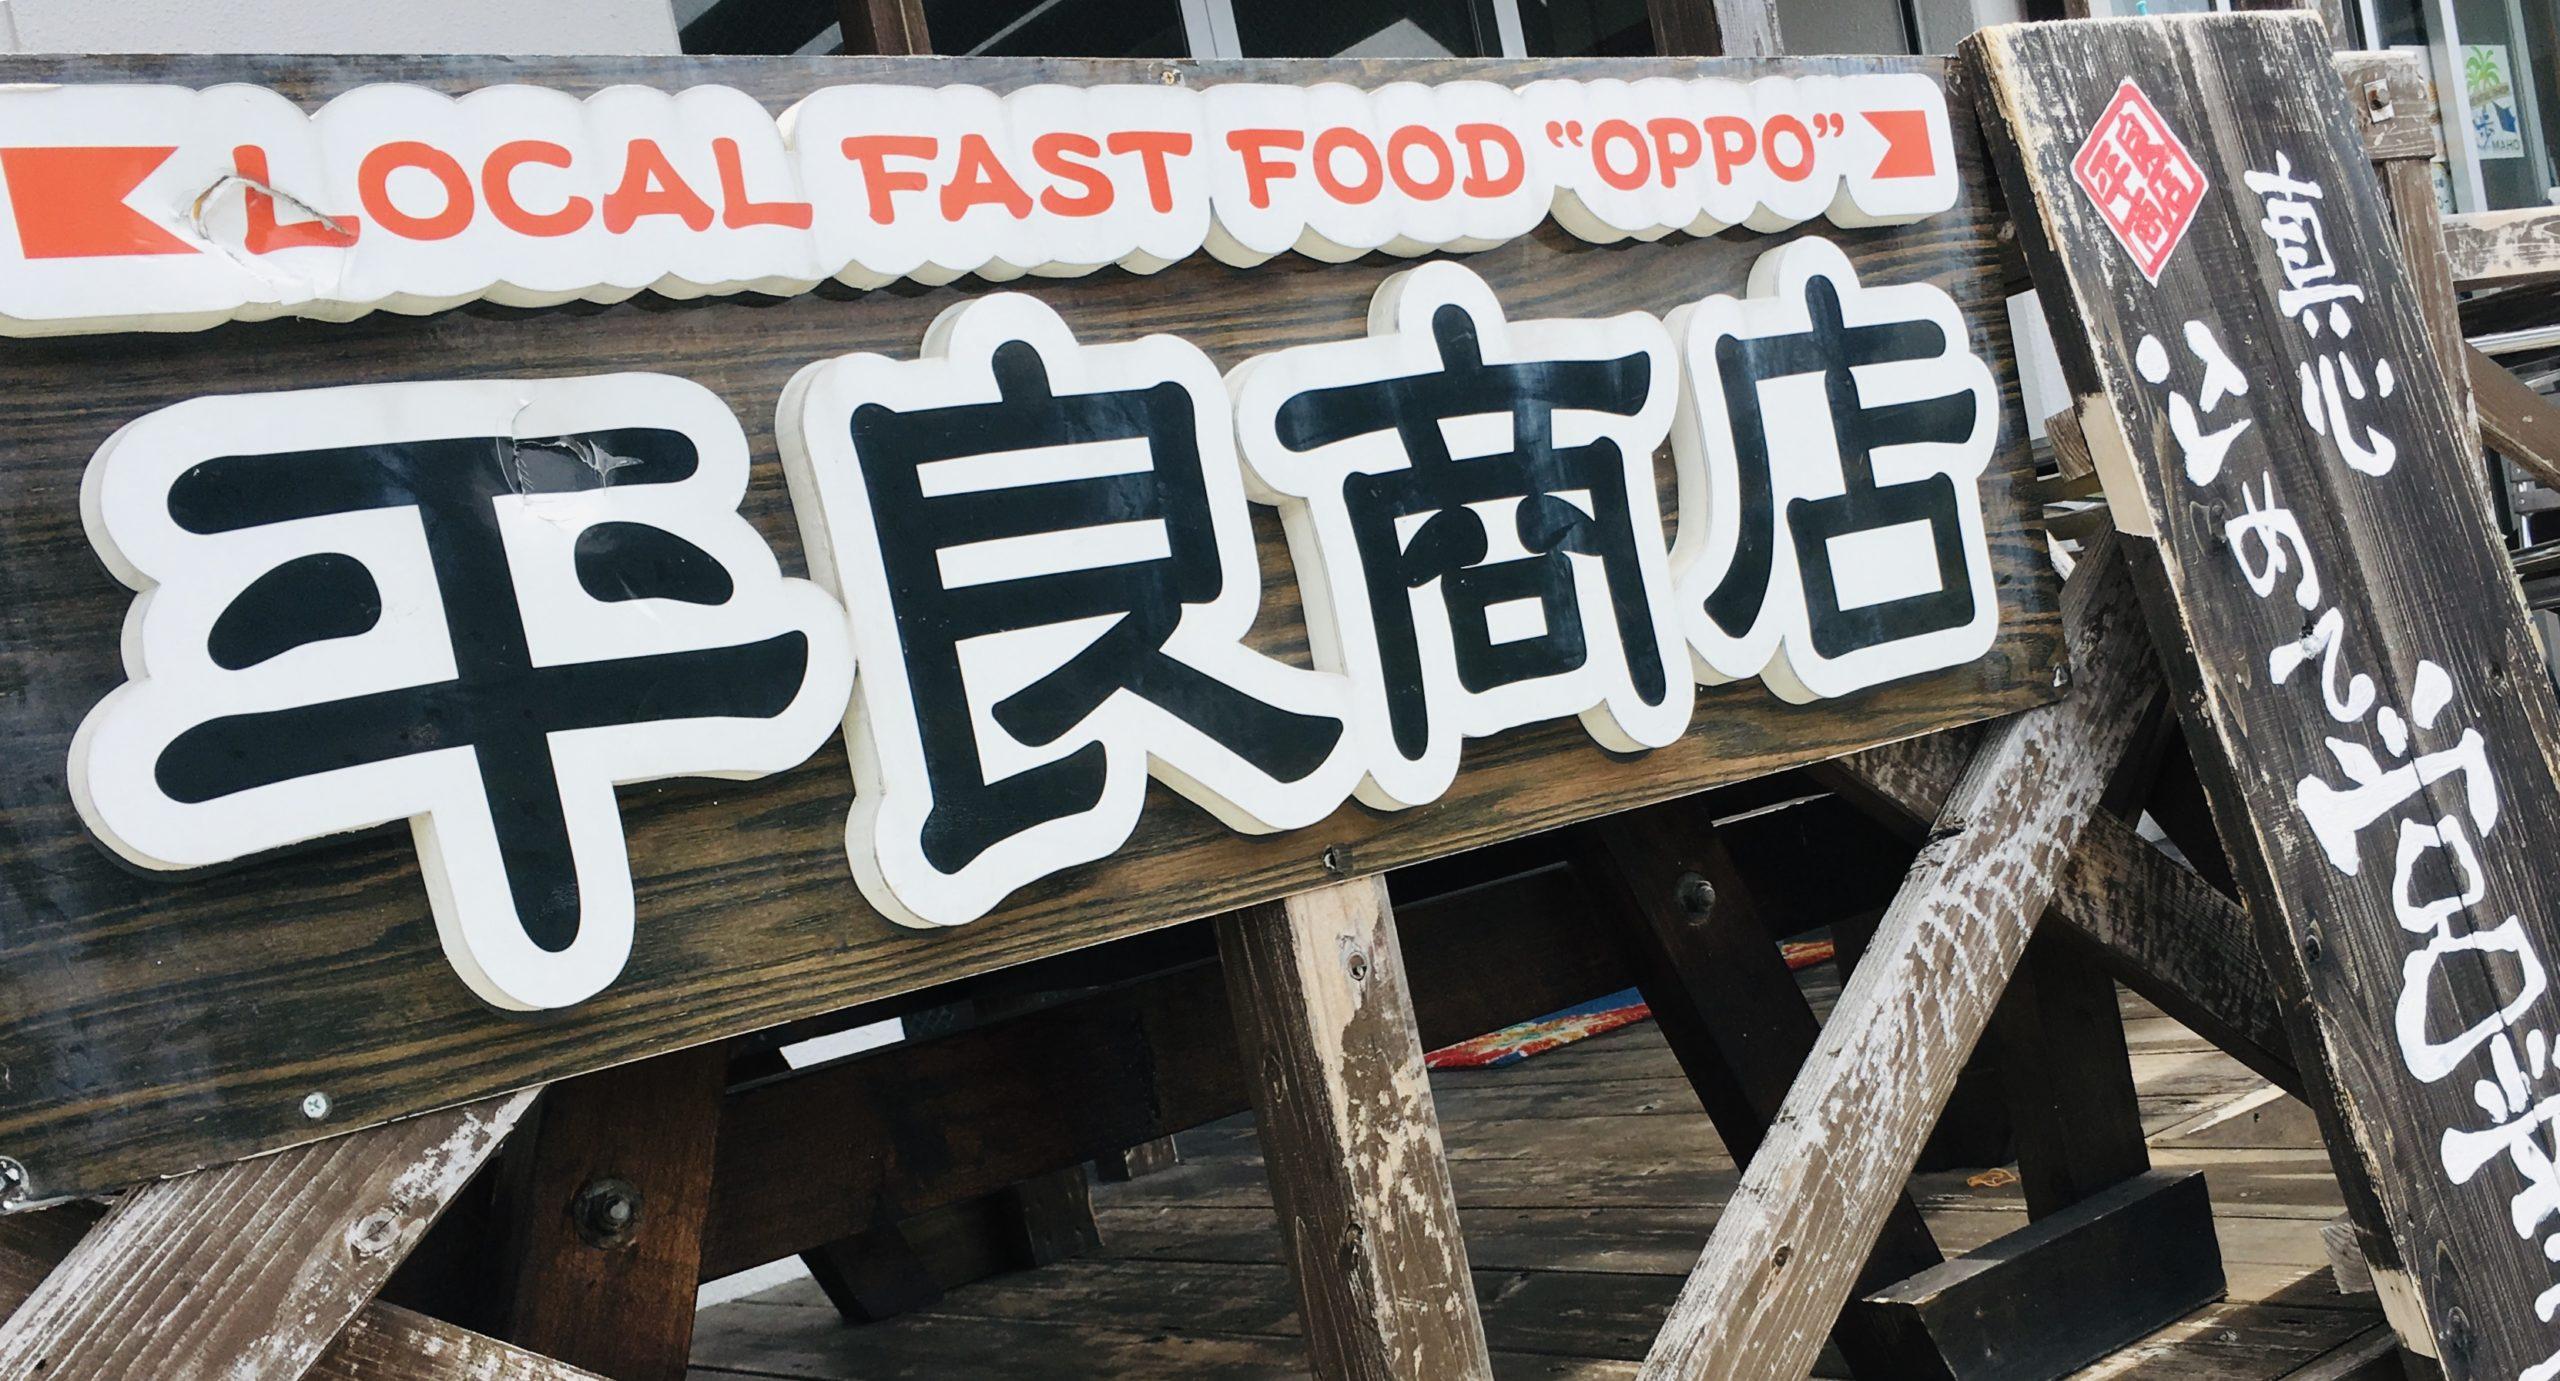 鶏、豚、鰹、昆布の出汁をバランスよく使用したコクのある、こだわりの出汁は絶品✨✨✨